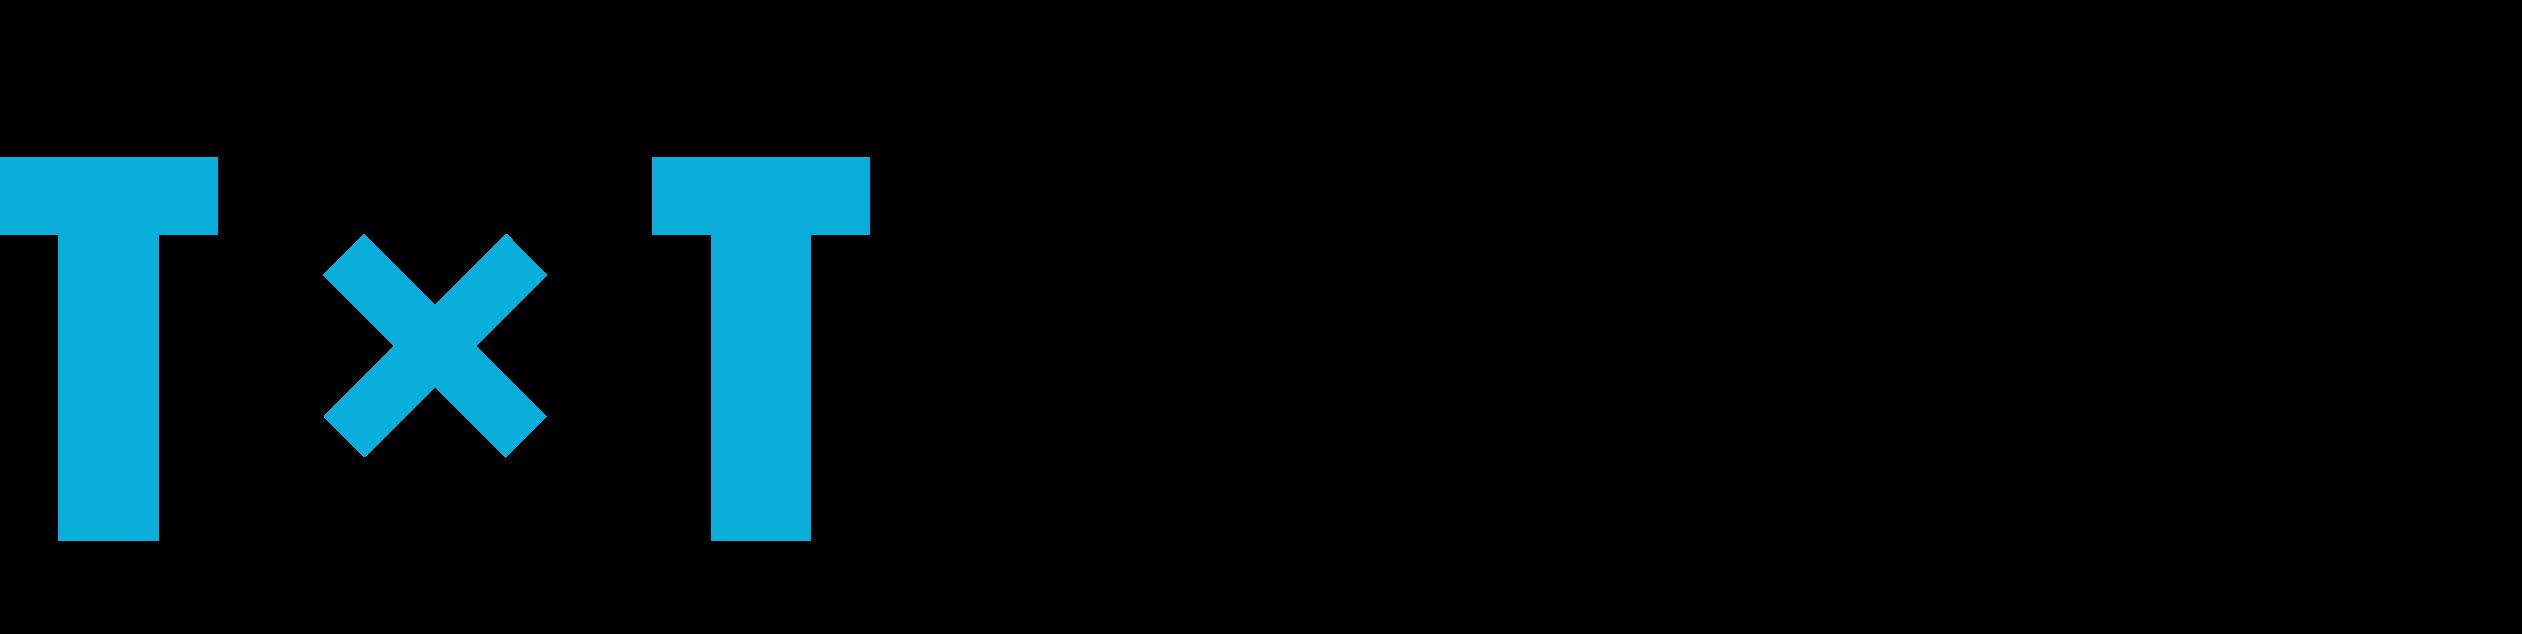 Temp_TxT-logo